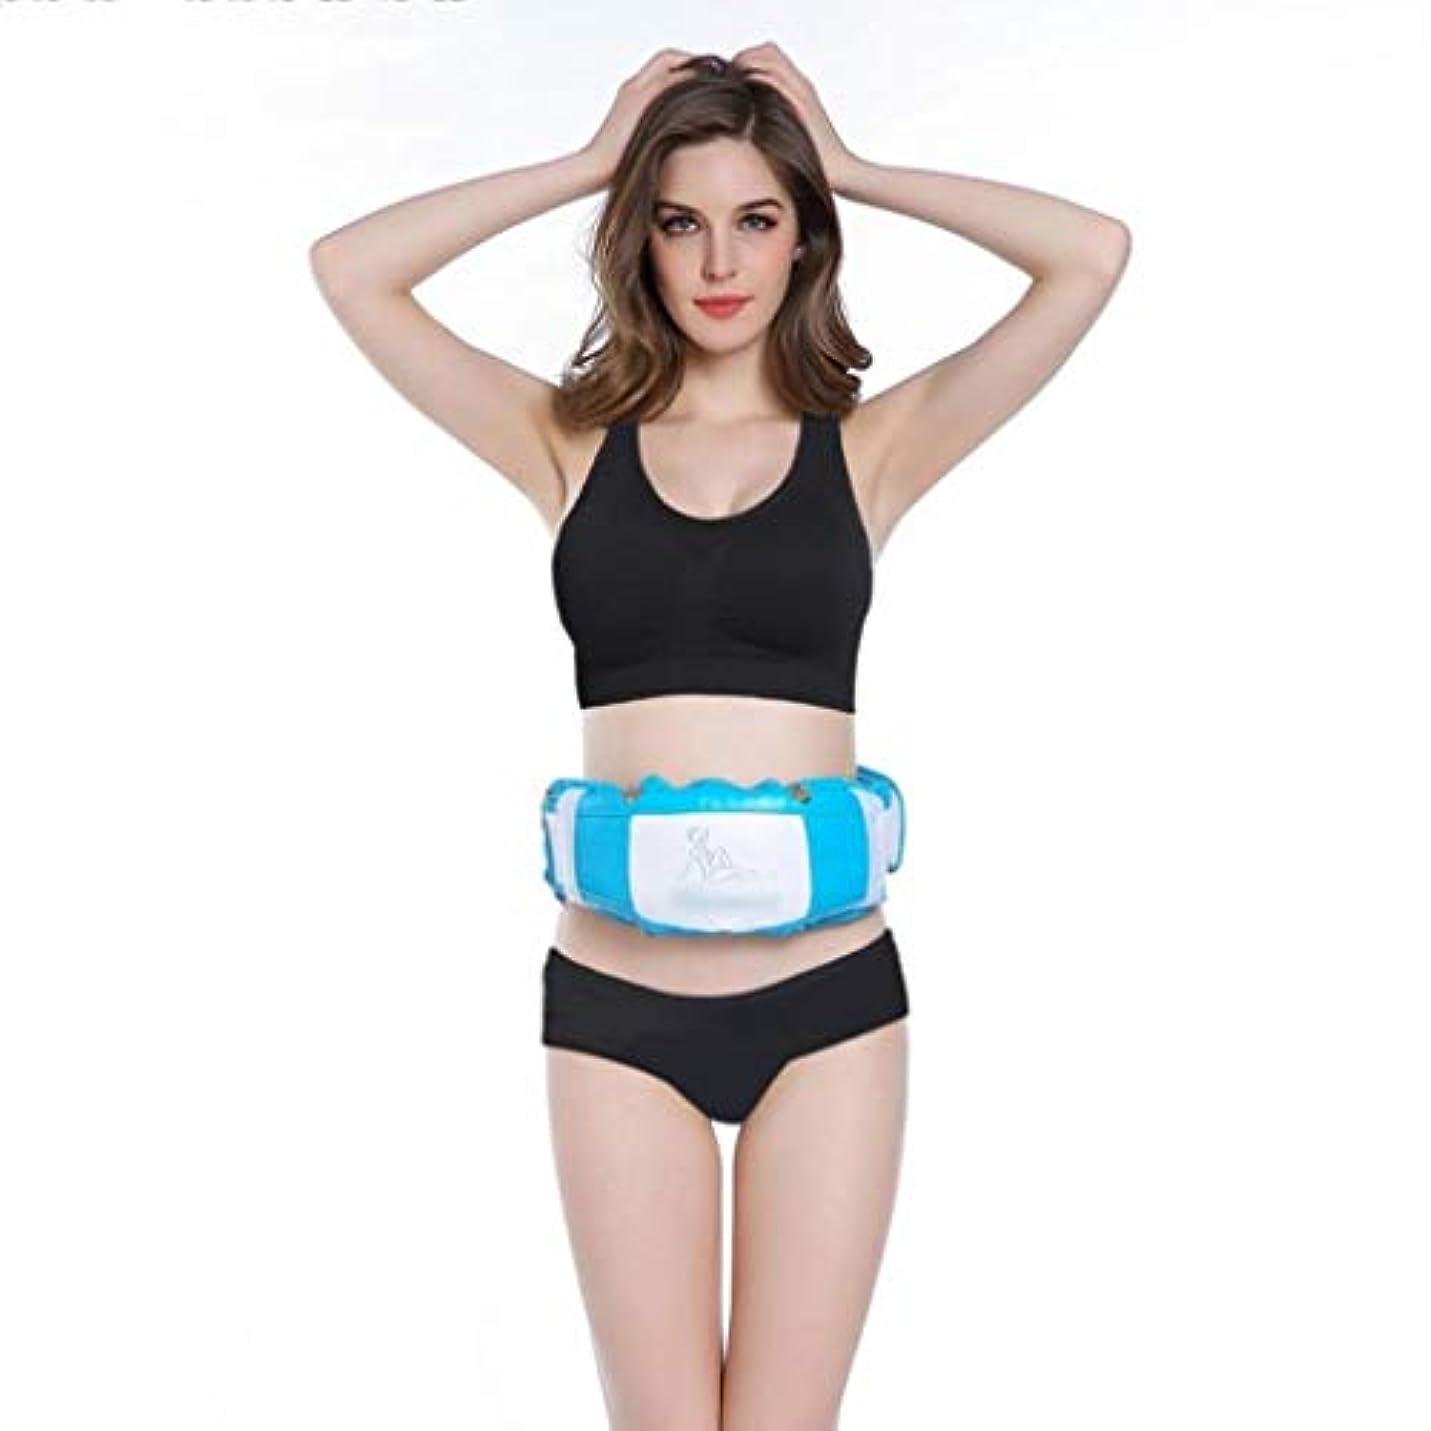 賛美歌レールミリメートル体形Slim身ベルト、Slim身マシン、スポーツSlim身機器、細いウエストと細い腹、調整可能なフィットネスウエスト振動ベルト、男性と女性の減量機